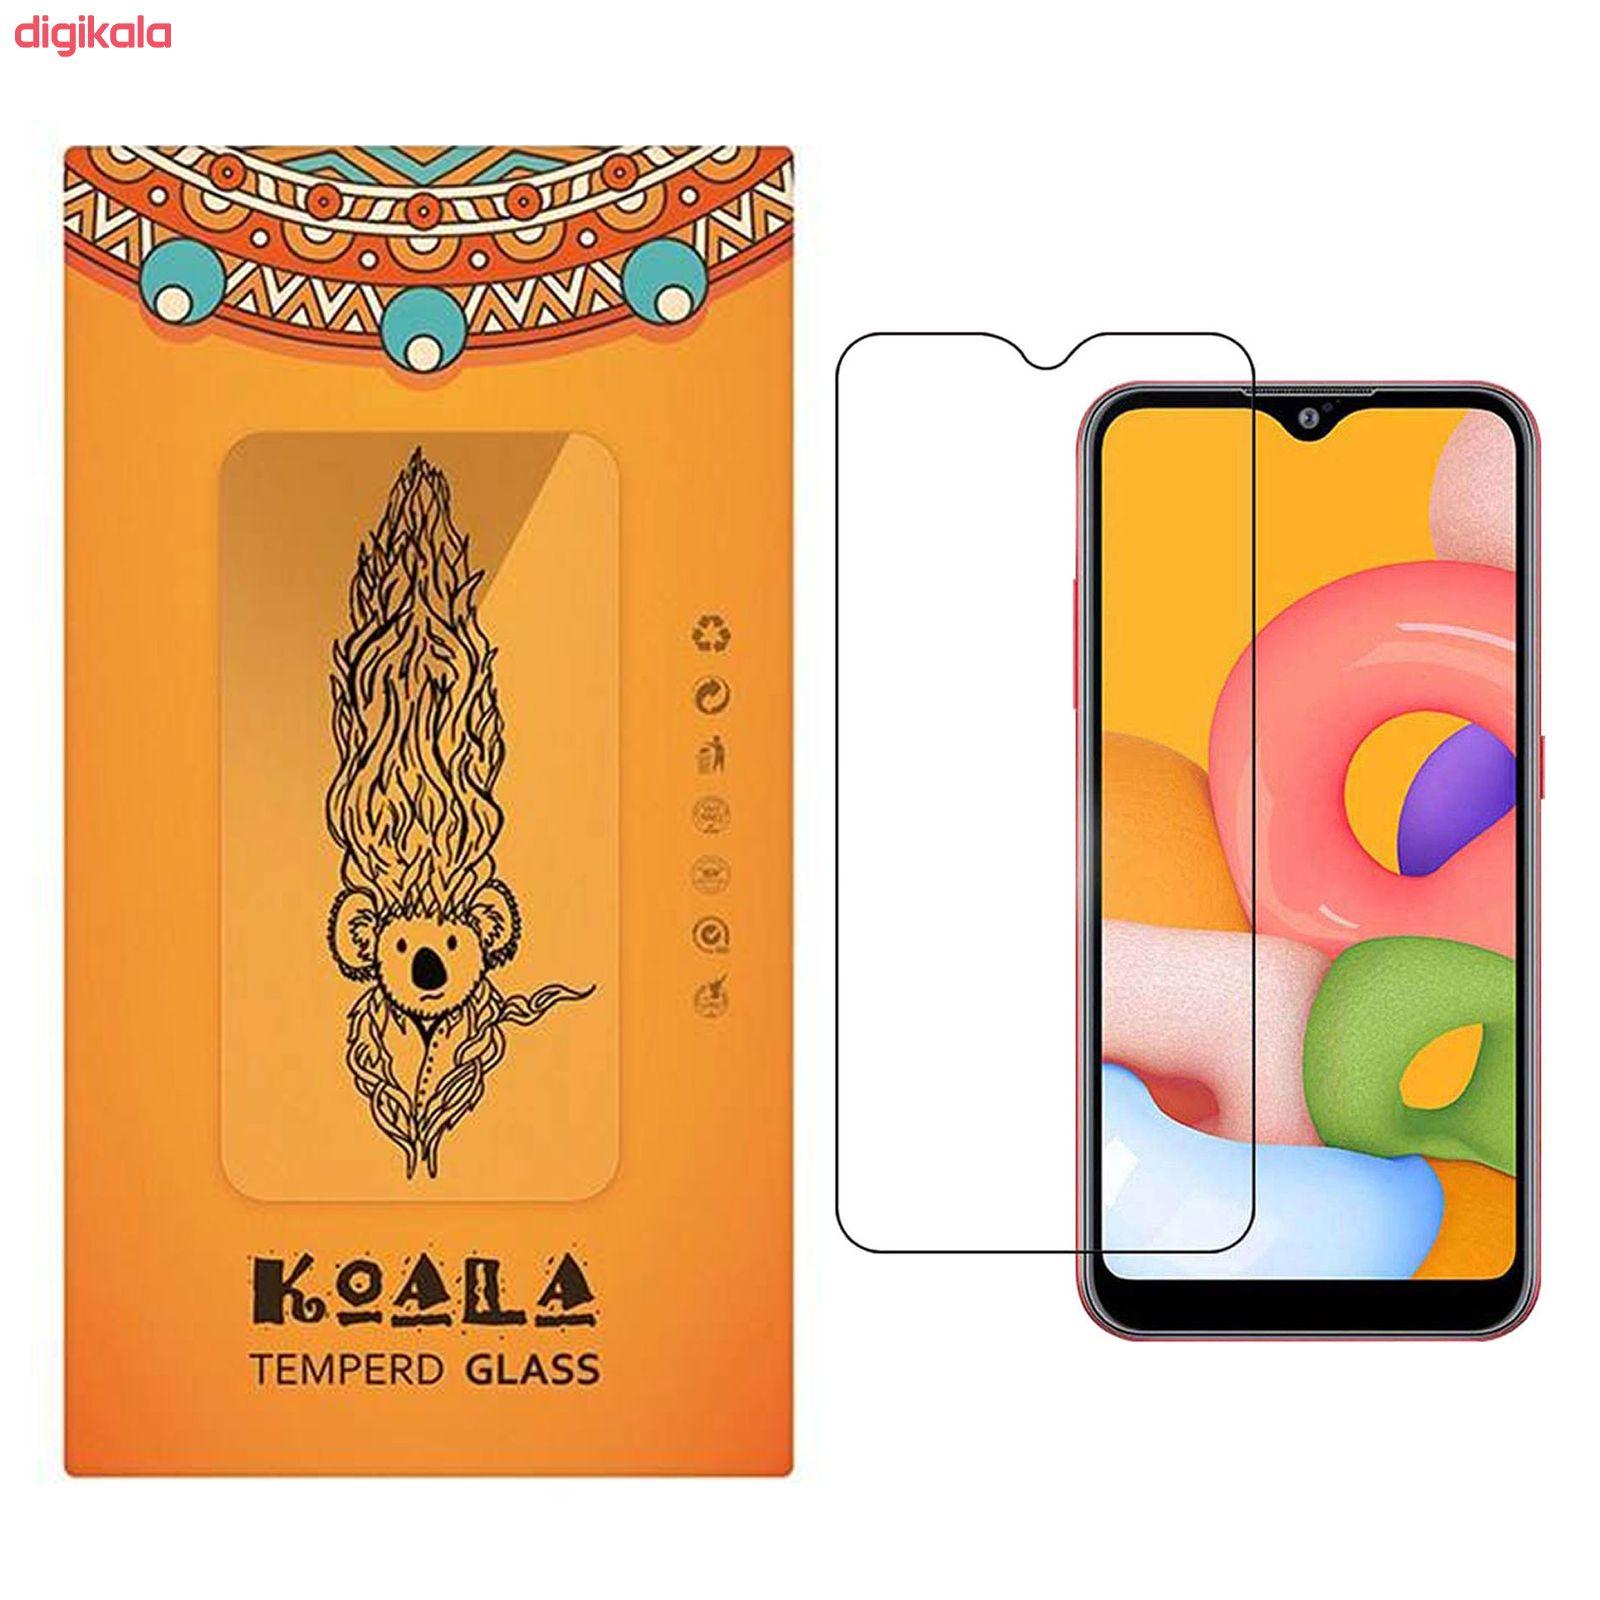 محافظ صفحه نمایش کوالا مدل SDK-01 مناسب برای گوشی موبایل سامسونگ Galaxy A01 main 1 1